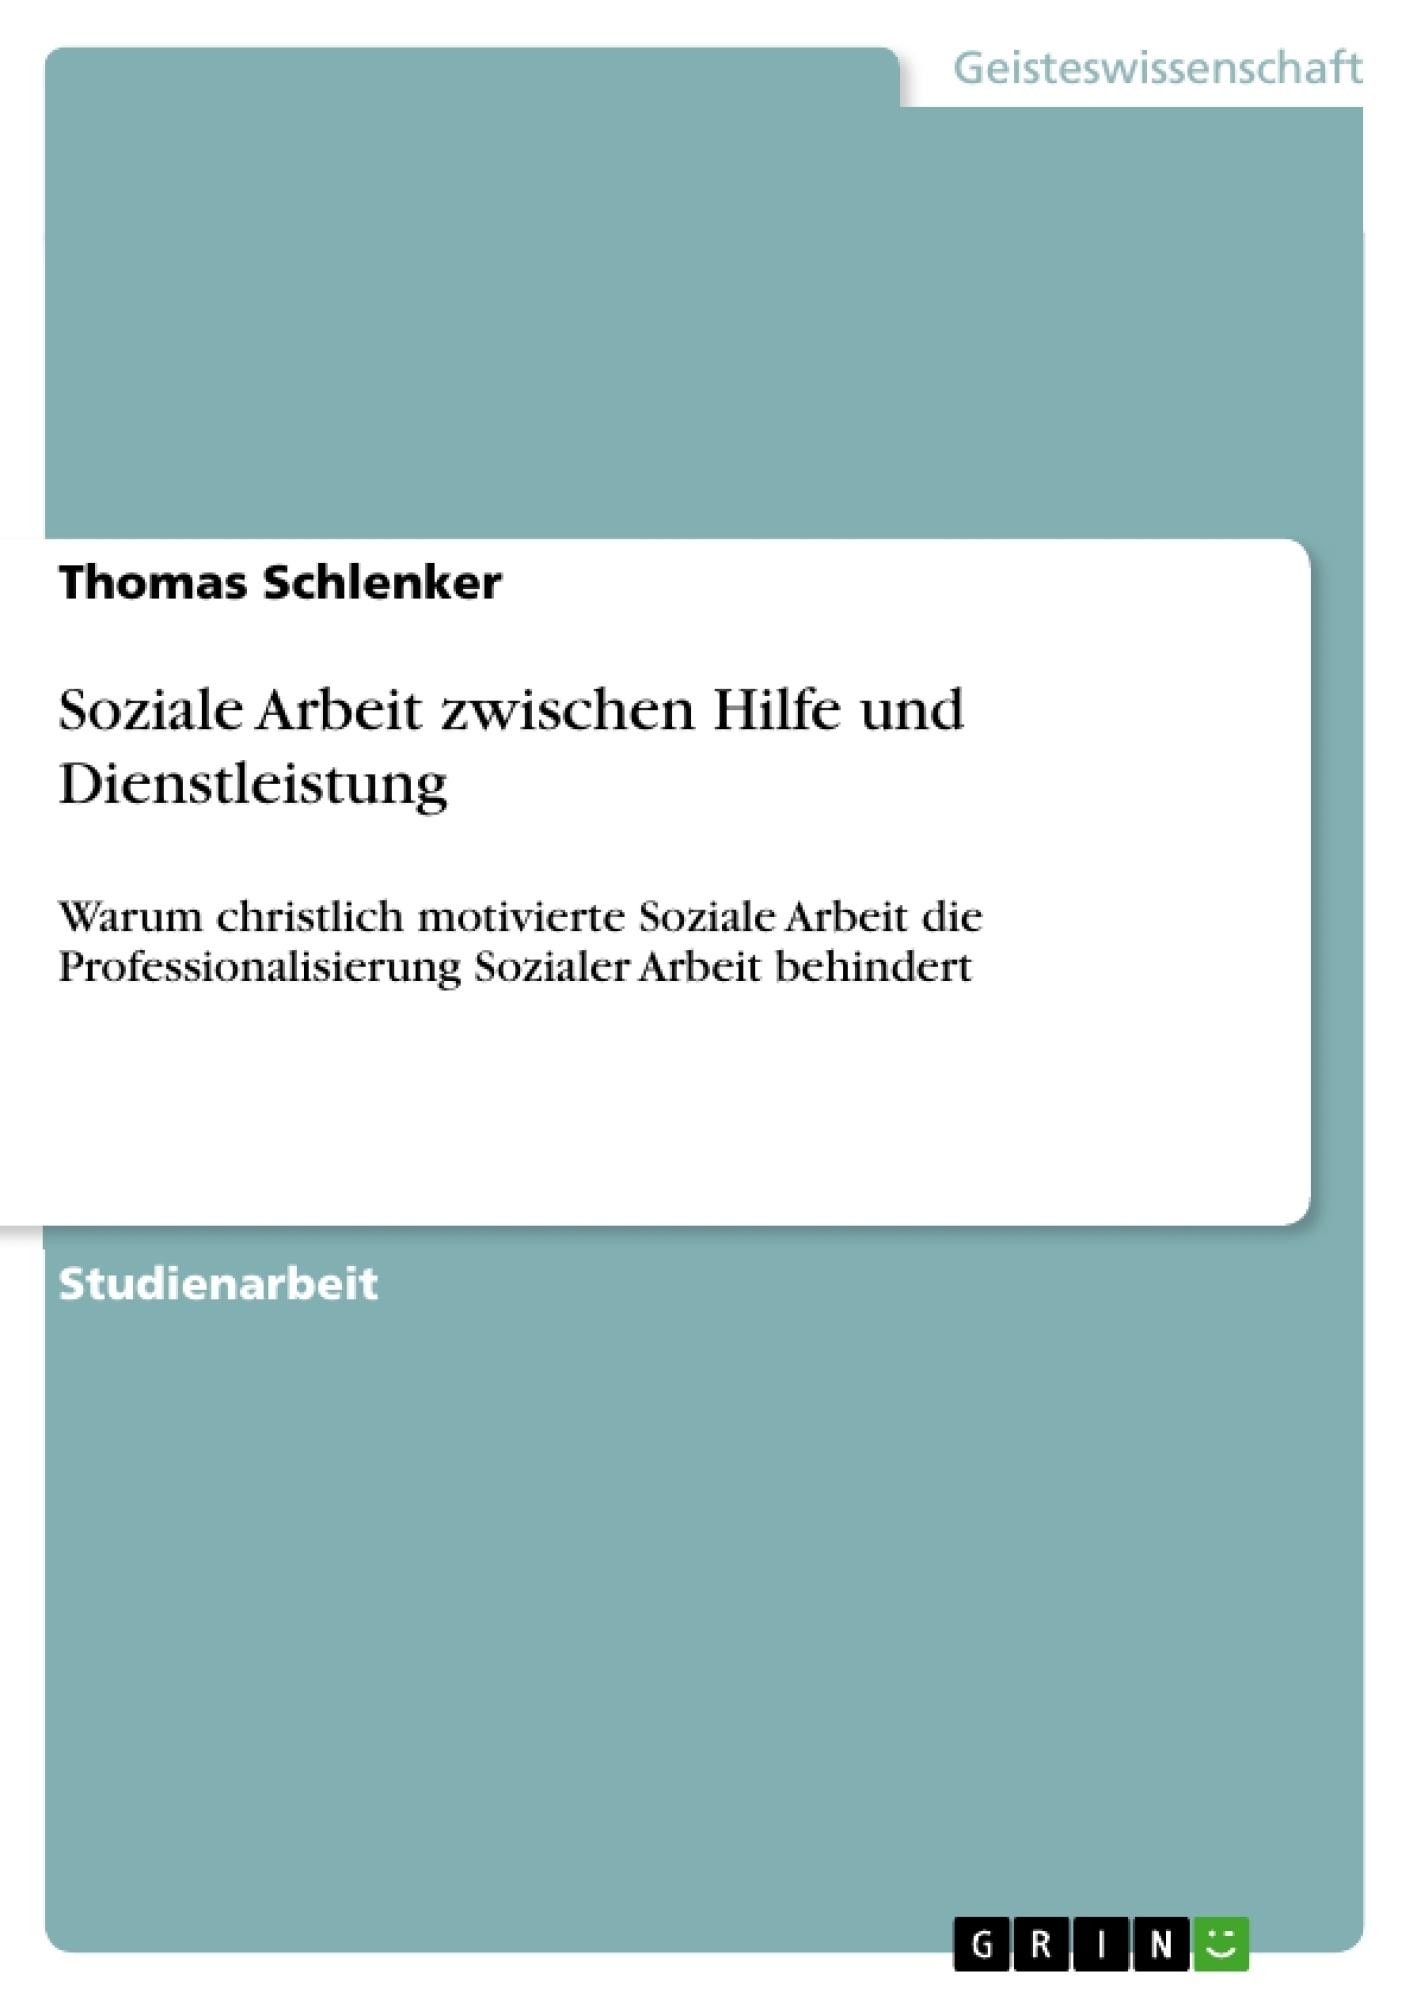 Titel: Soziale Arbeit zwischen Hilfe und Dienstleistung